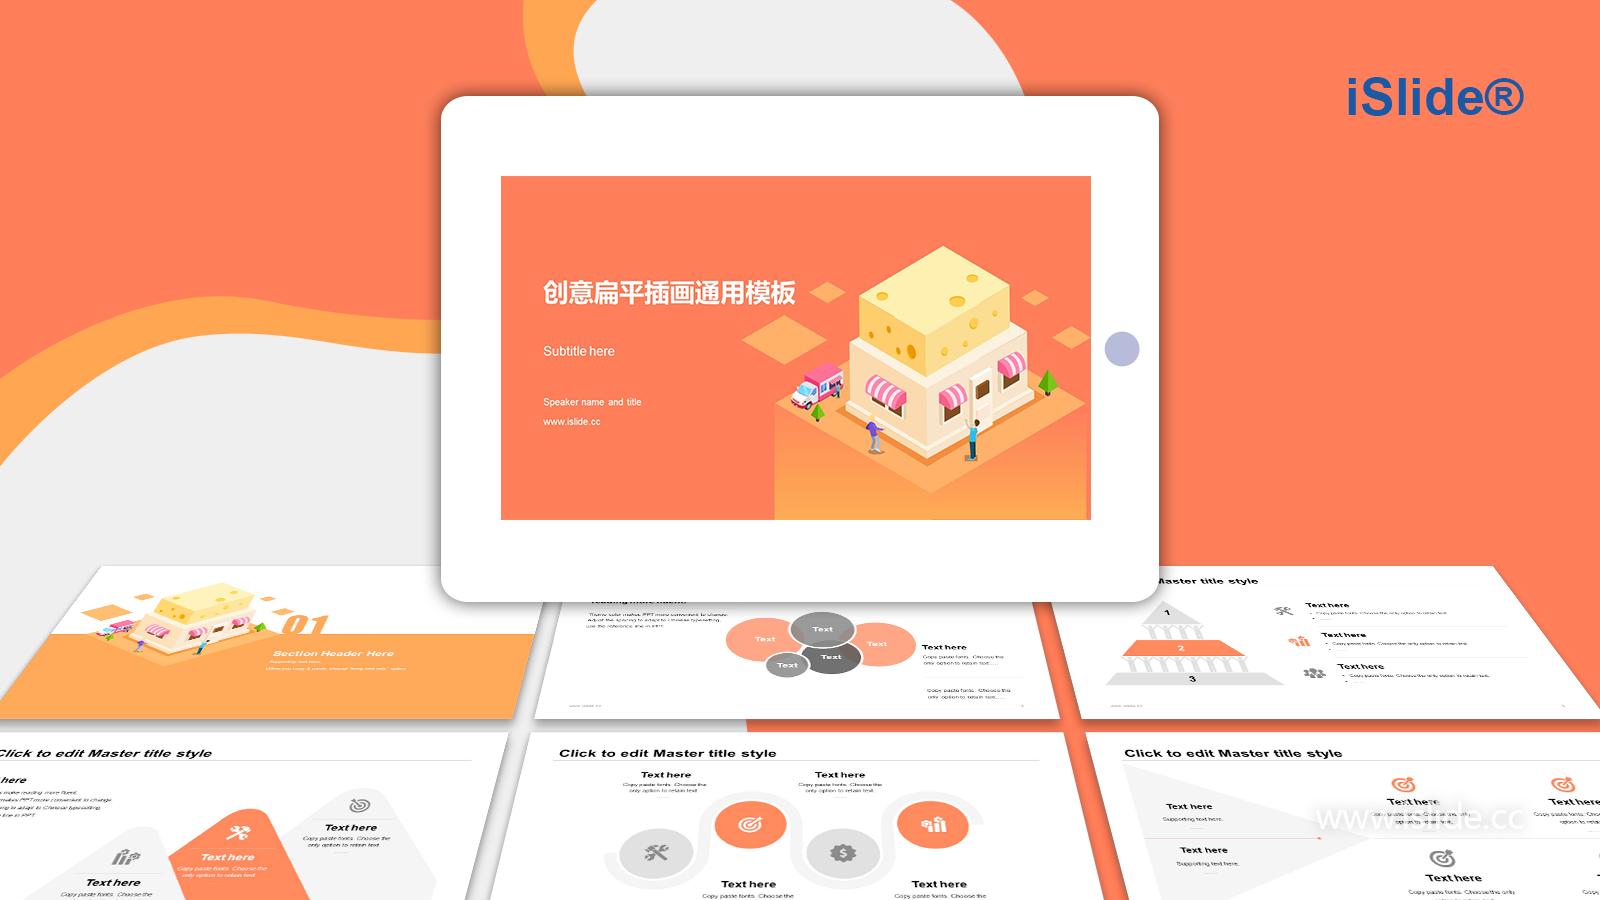 橙色简约网页插画风格PPT模板下载_预览图1